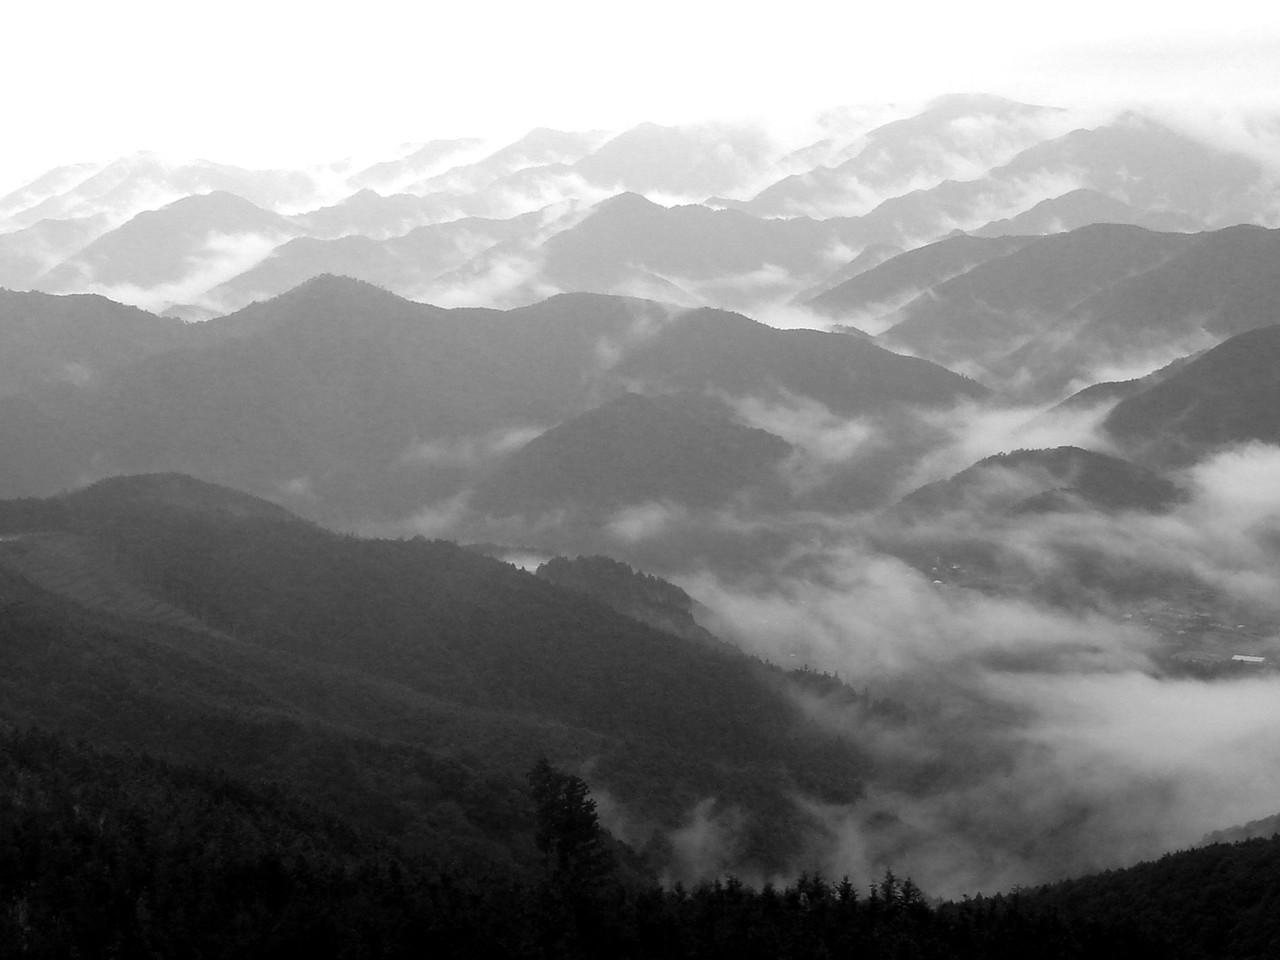 MISTY MOUNTAINS OF KUMANO